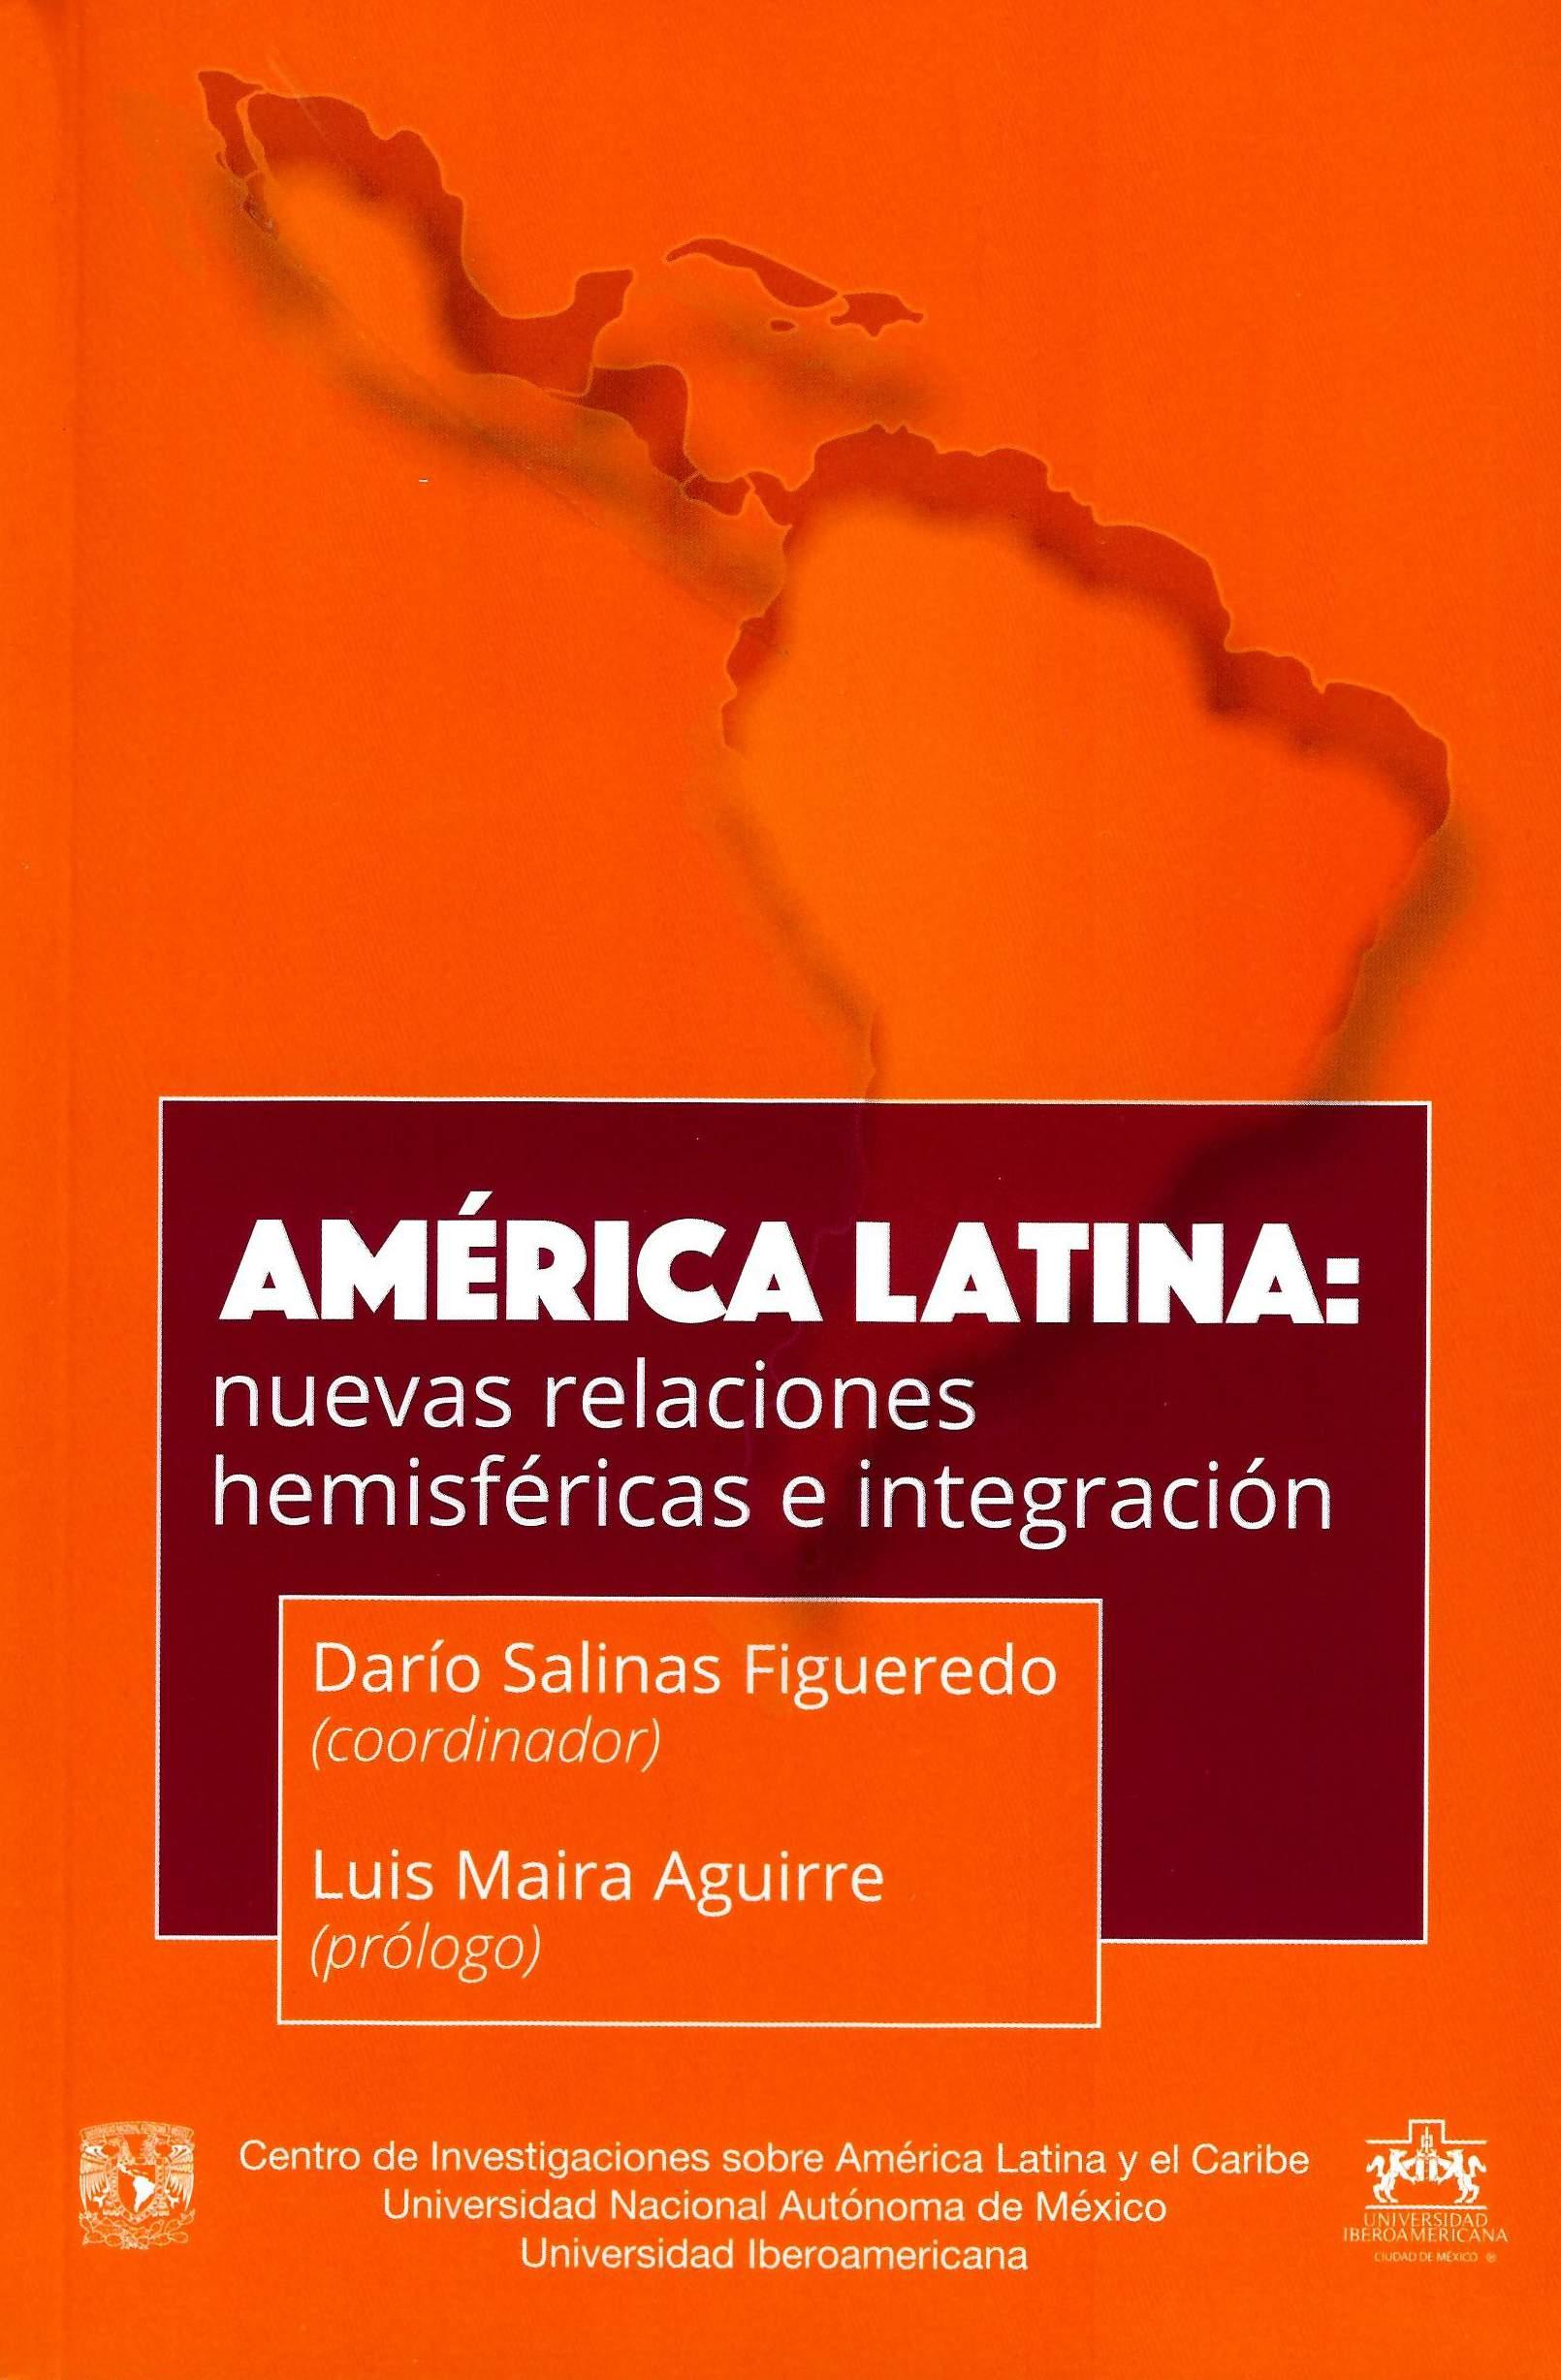 América Latina: nuevas relaciones hemisféricas e integración